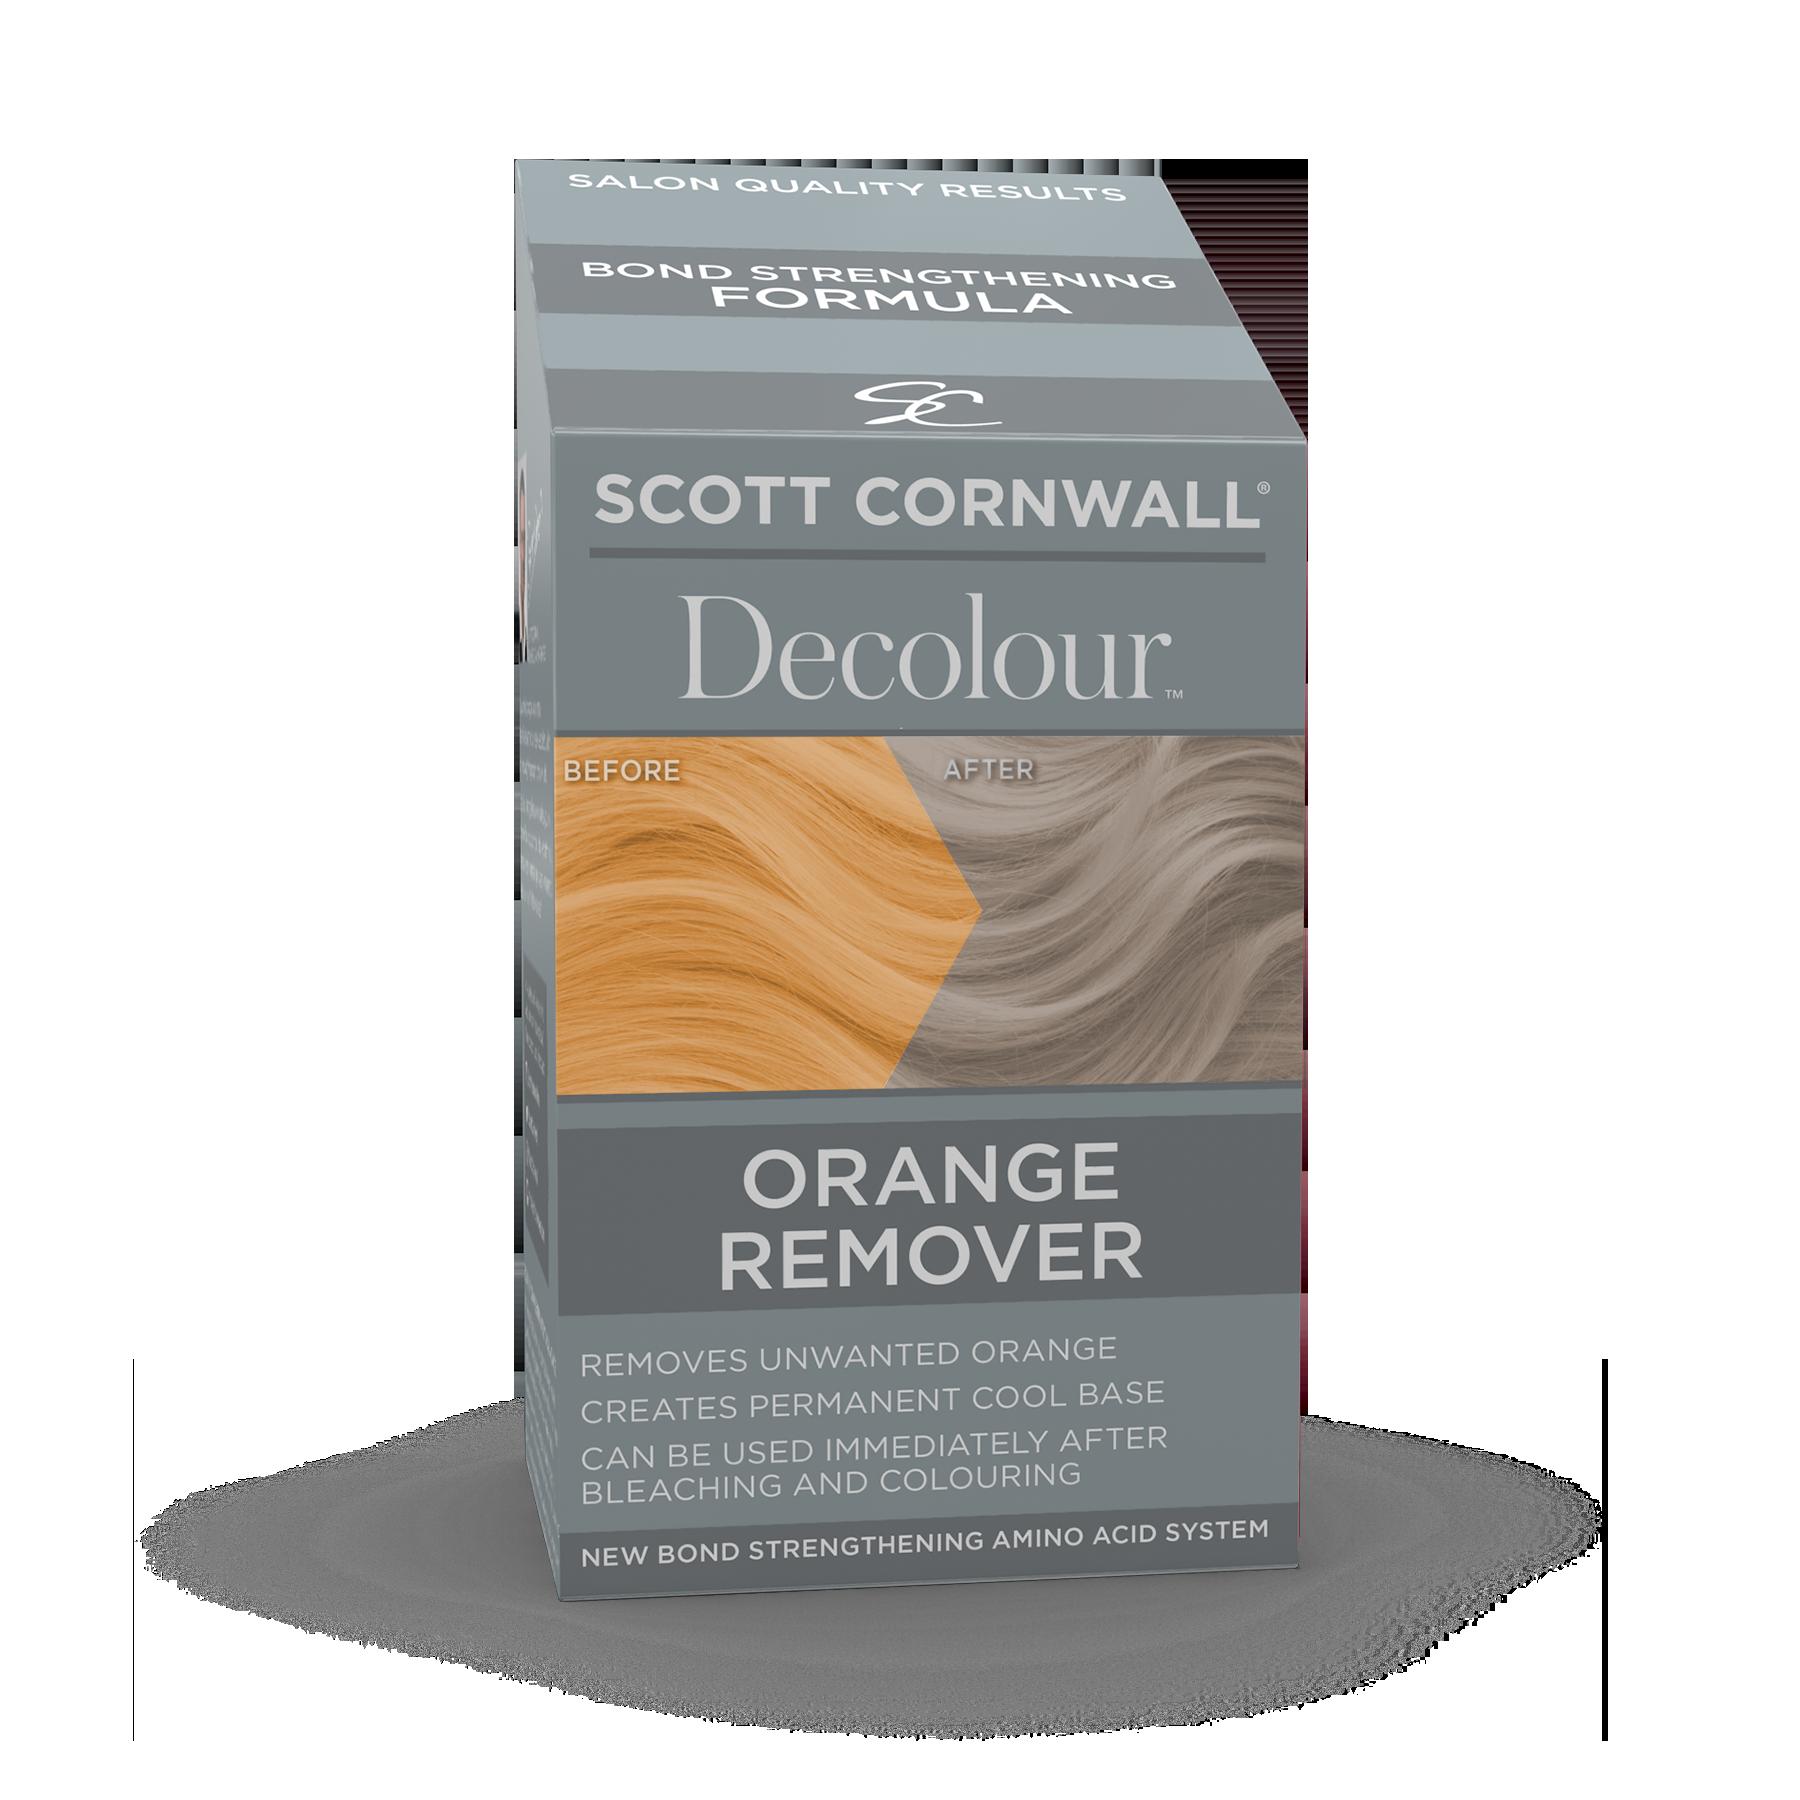 SC_D_Orange_Remover2